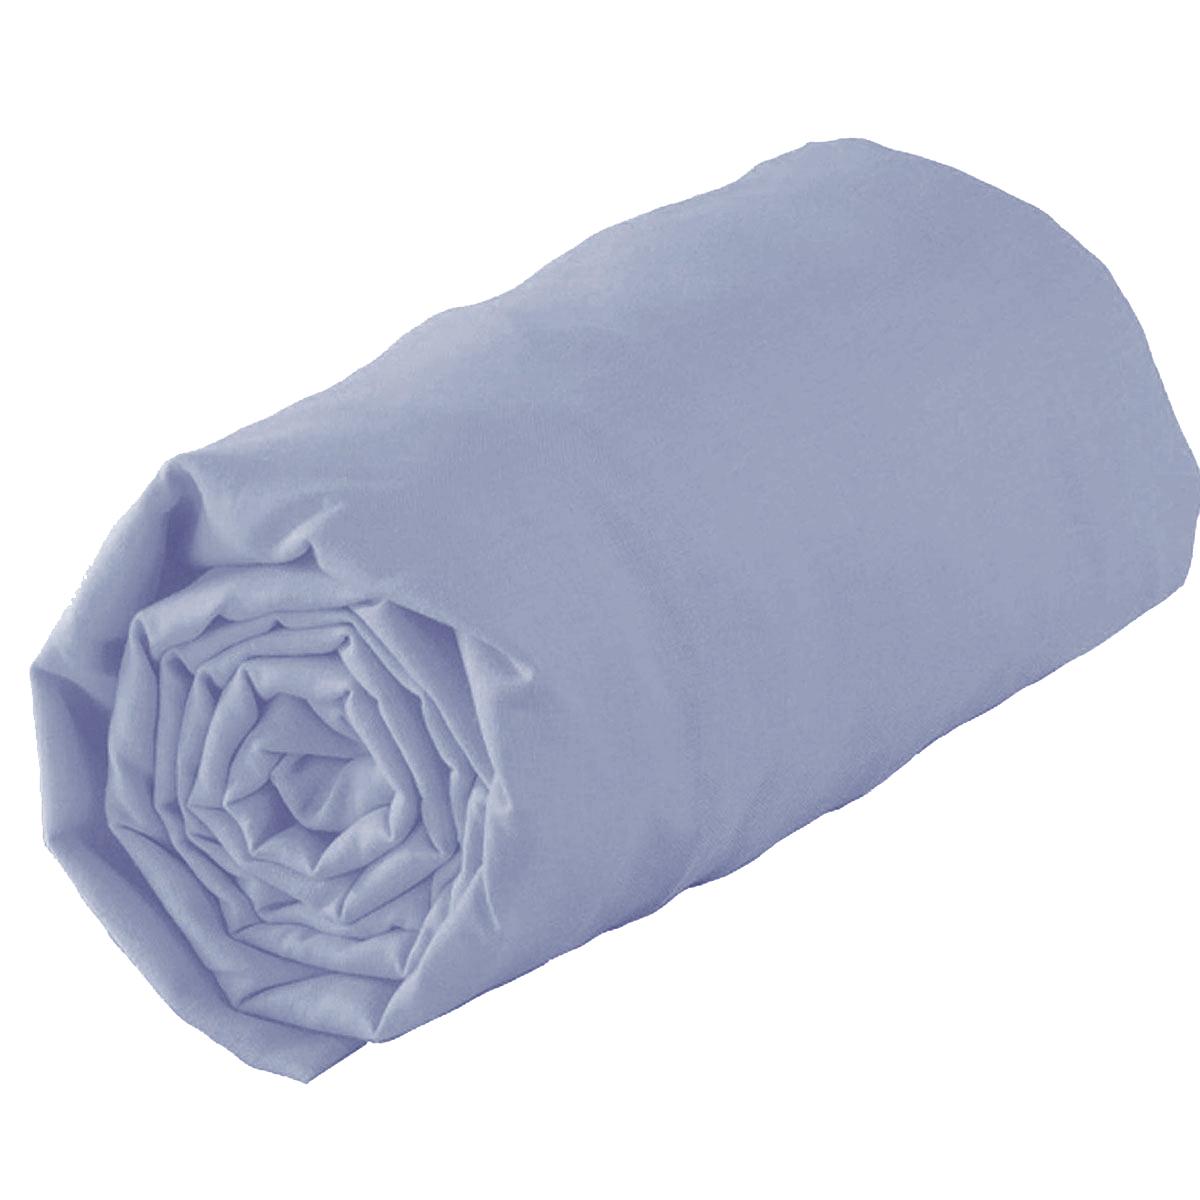 Drap housse en 100% coton biologique - Indigo - 160 x 200 bt 30 cm